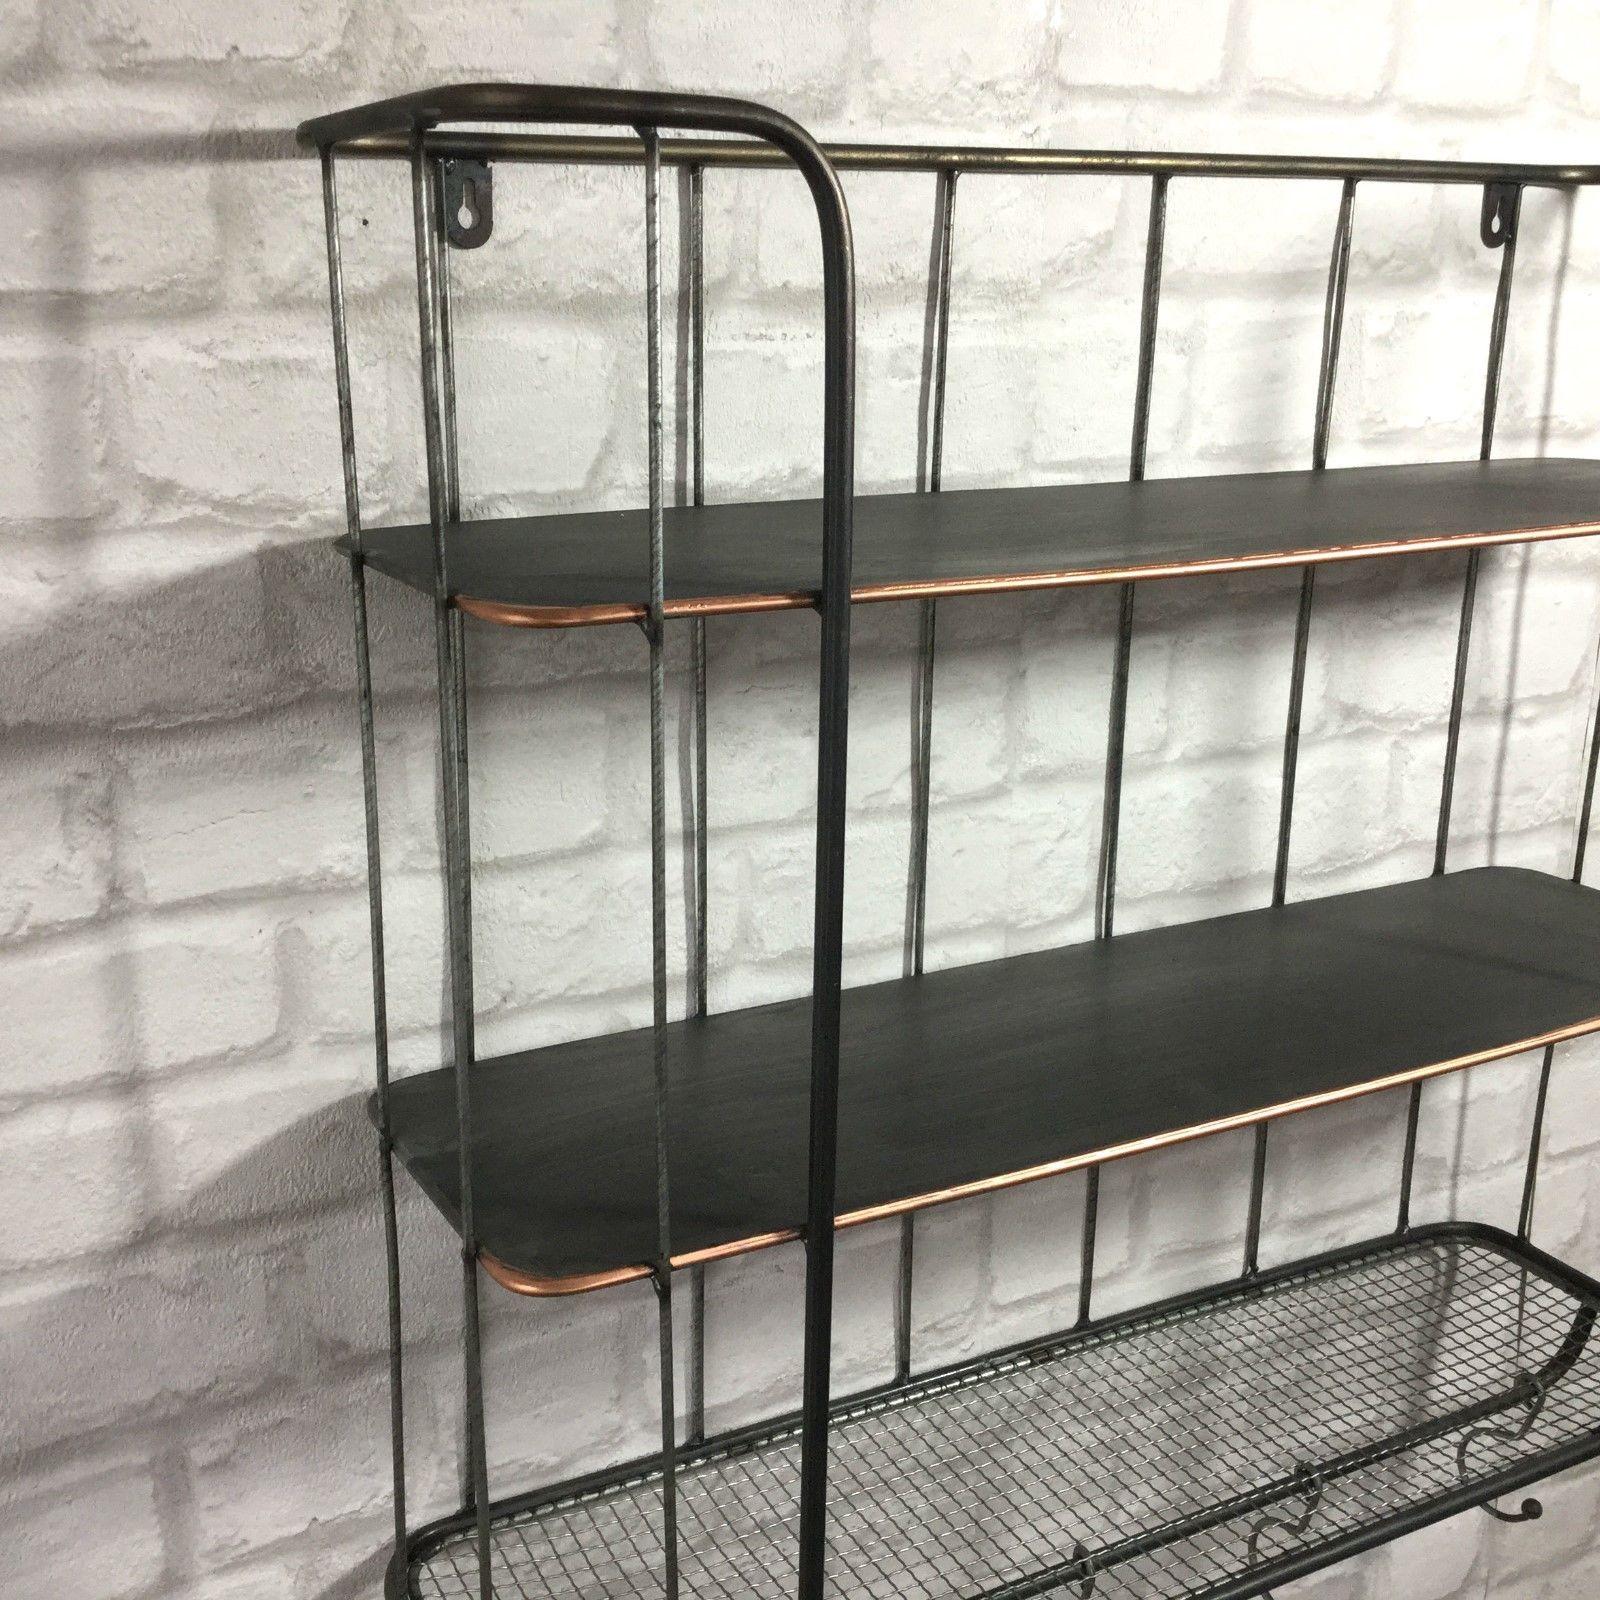 Vintage Industrial Style Metal Wall Shelf Unit Rack Coat